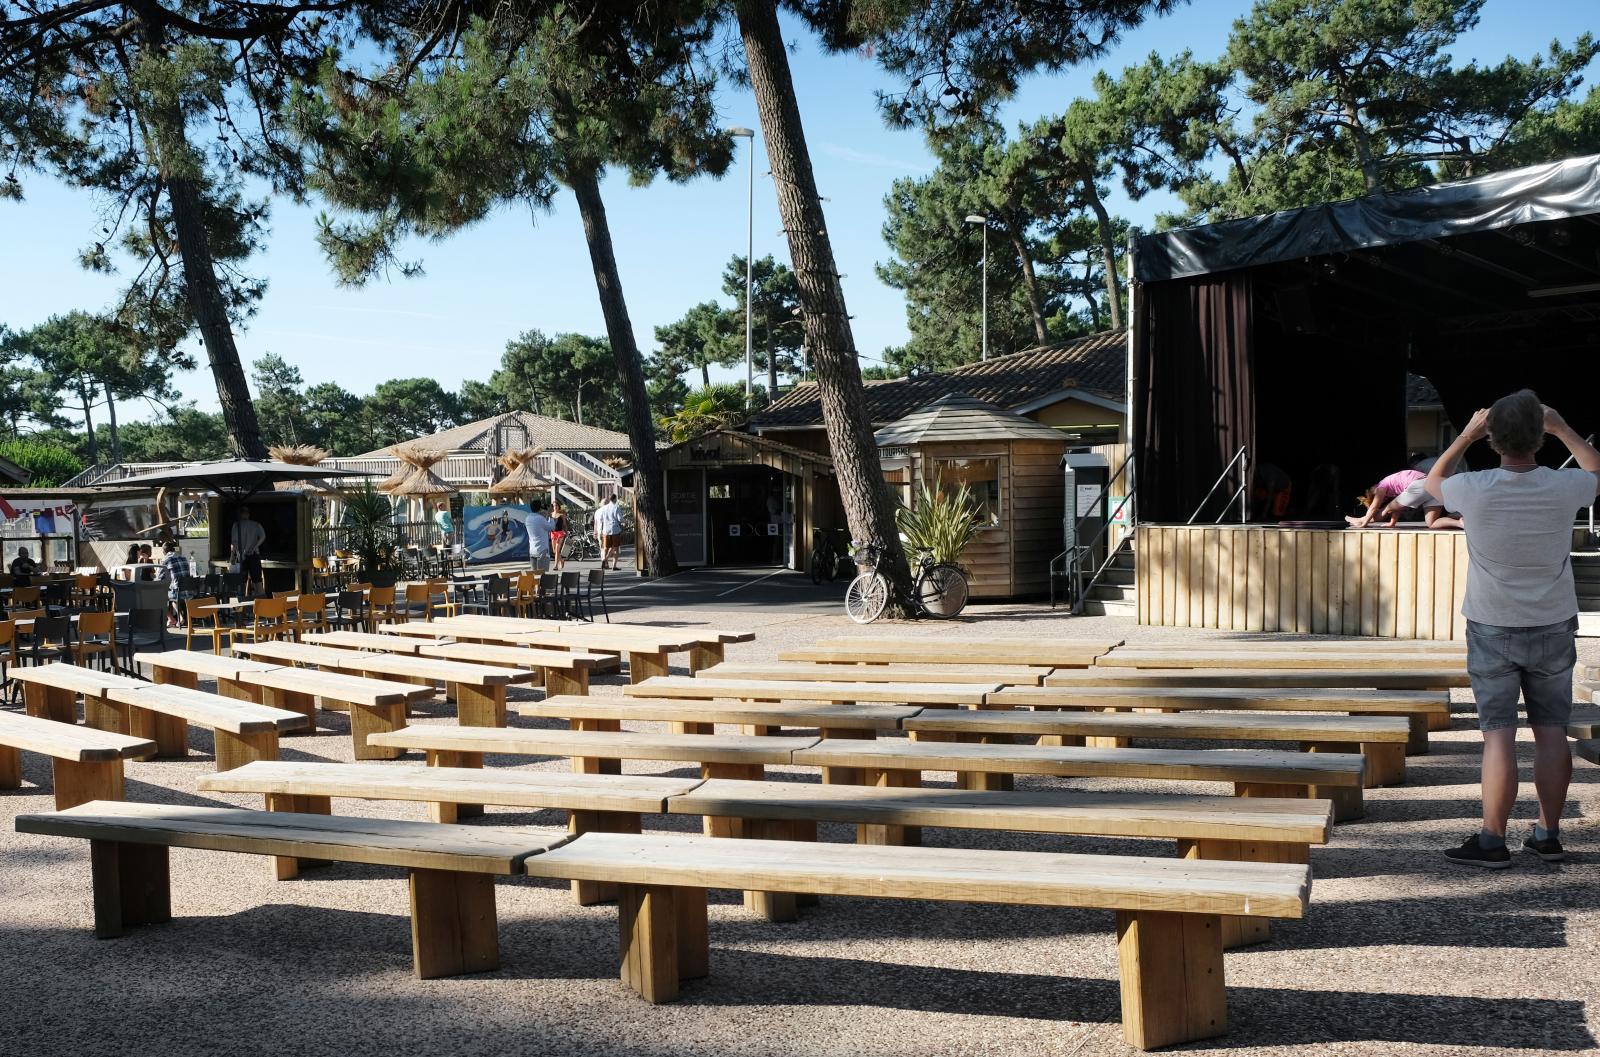 På campingområdet finns en scen och runt den ligger alla restauranger. Vid vårt besök utövades morgonyoga vid scenen.